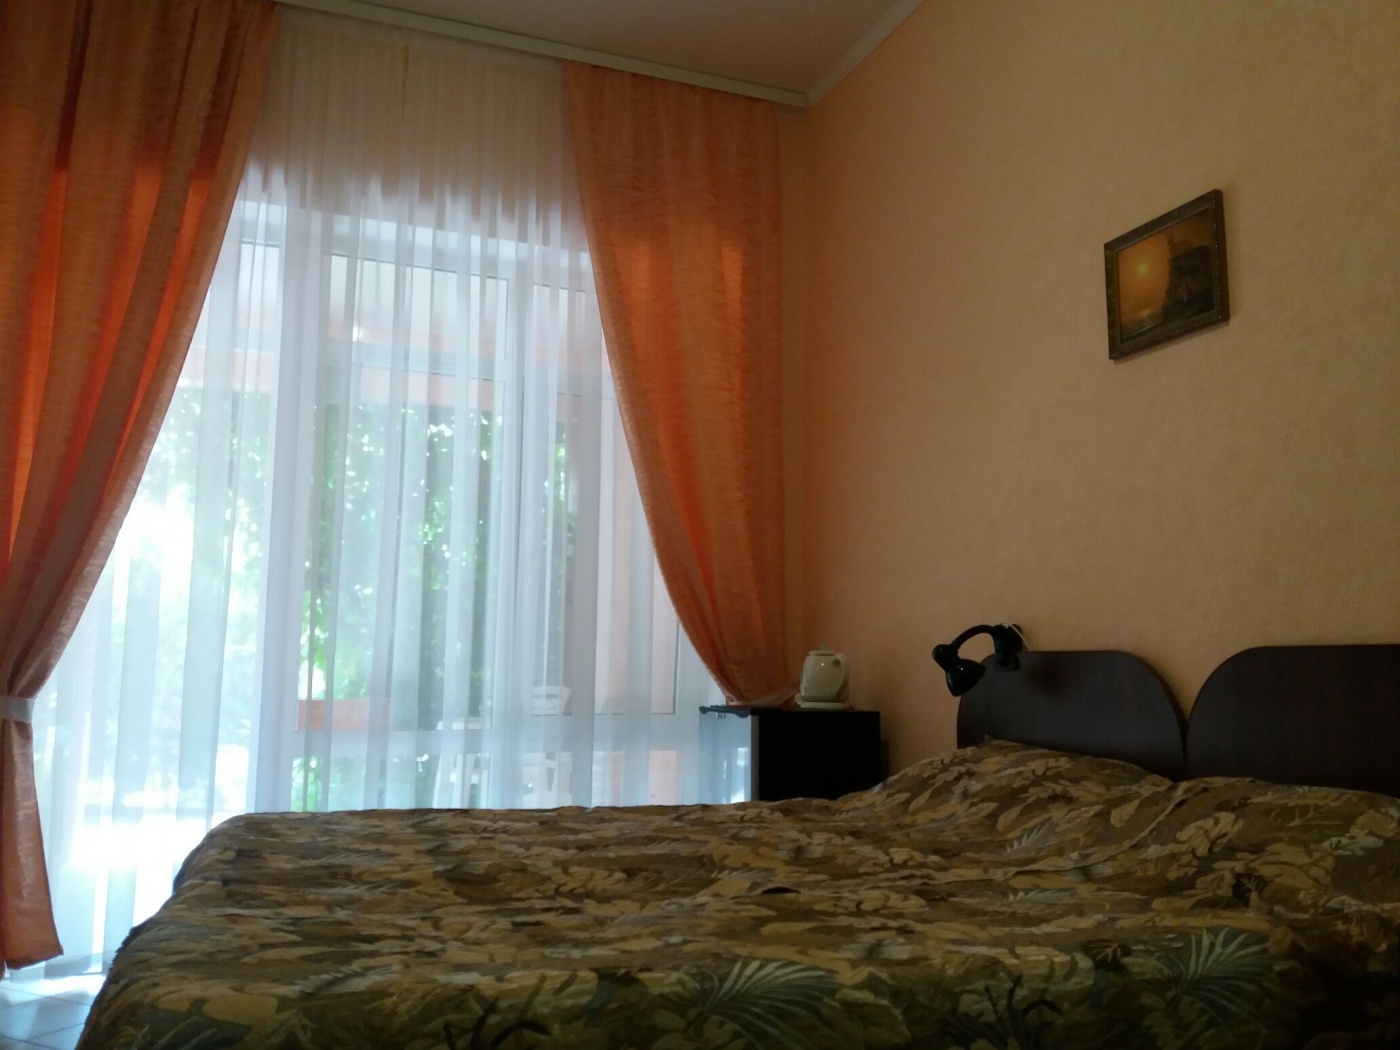 Гостевой дом «Гринвич» Республика Крым Номер «Стандарт» 2-местный, фото 3